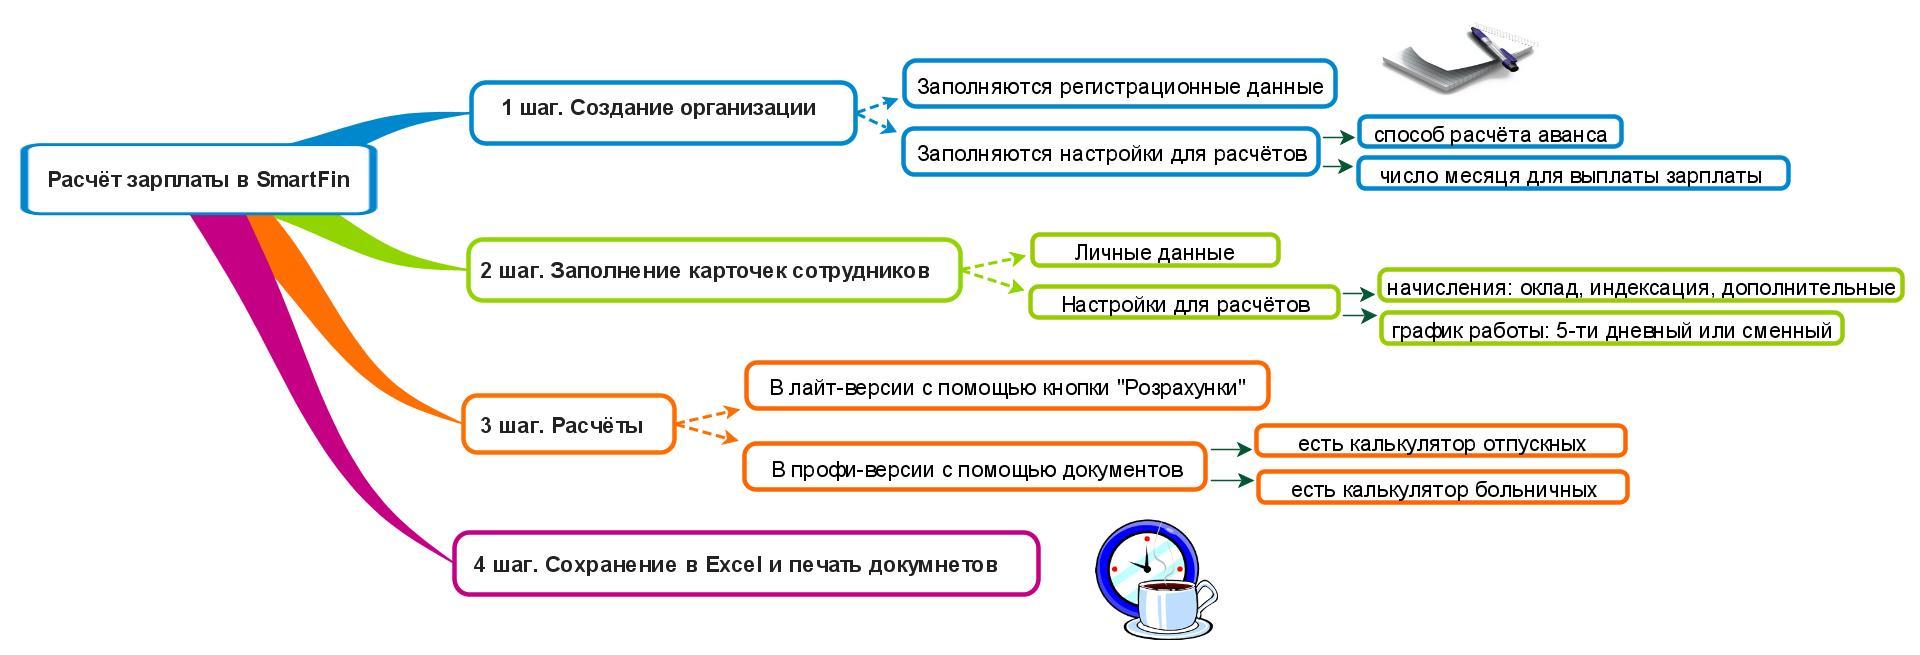 Схема расчетов по заработной плате